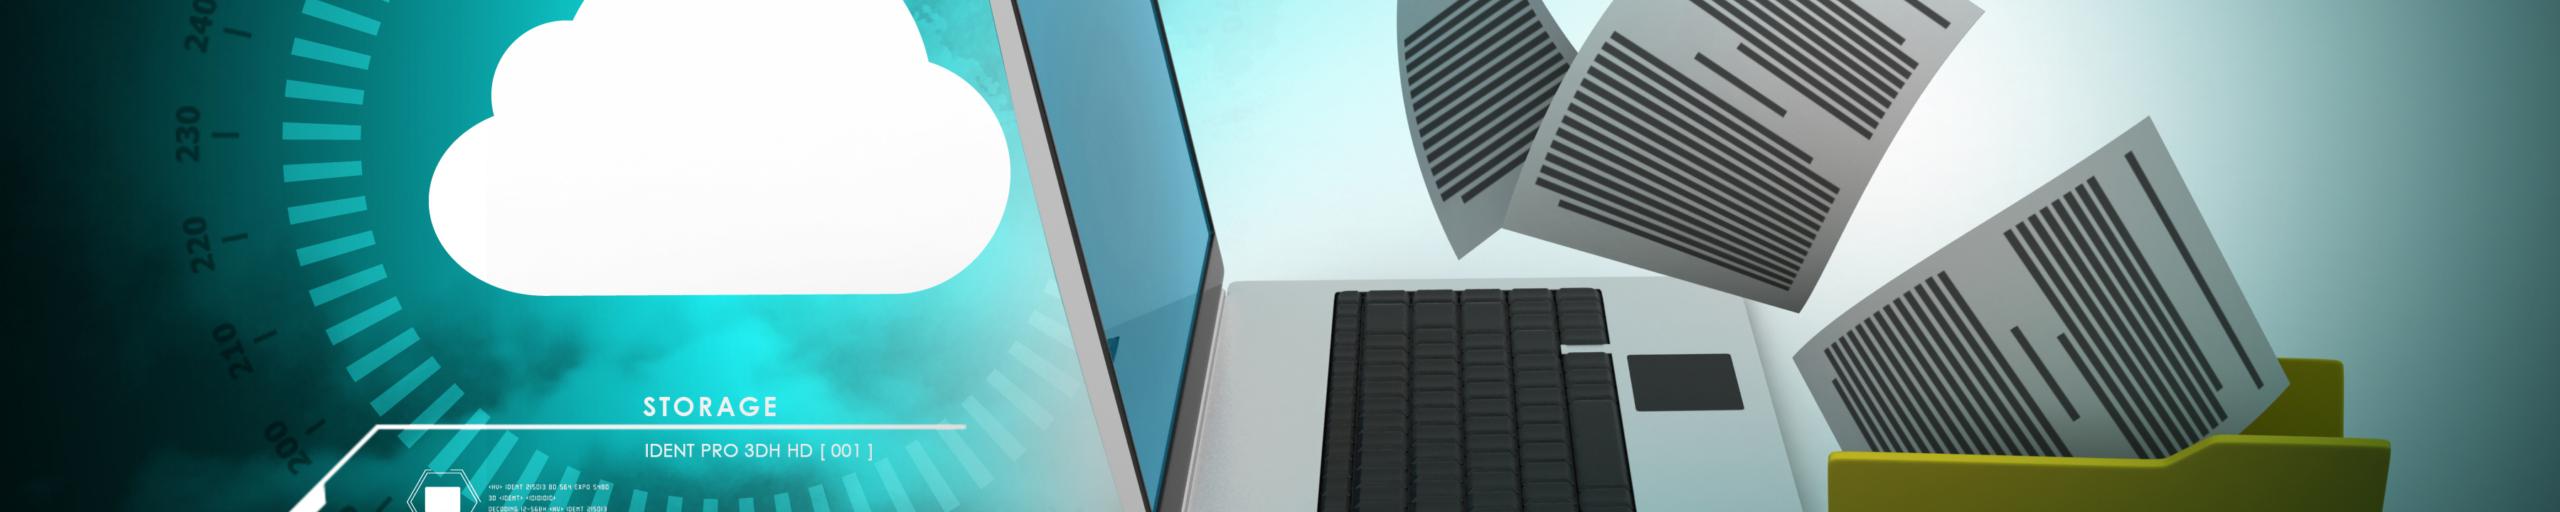 Headerbild Laptop mit Dateien und Cloud Storage